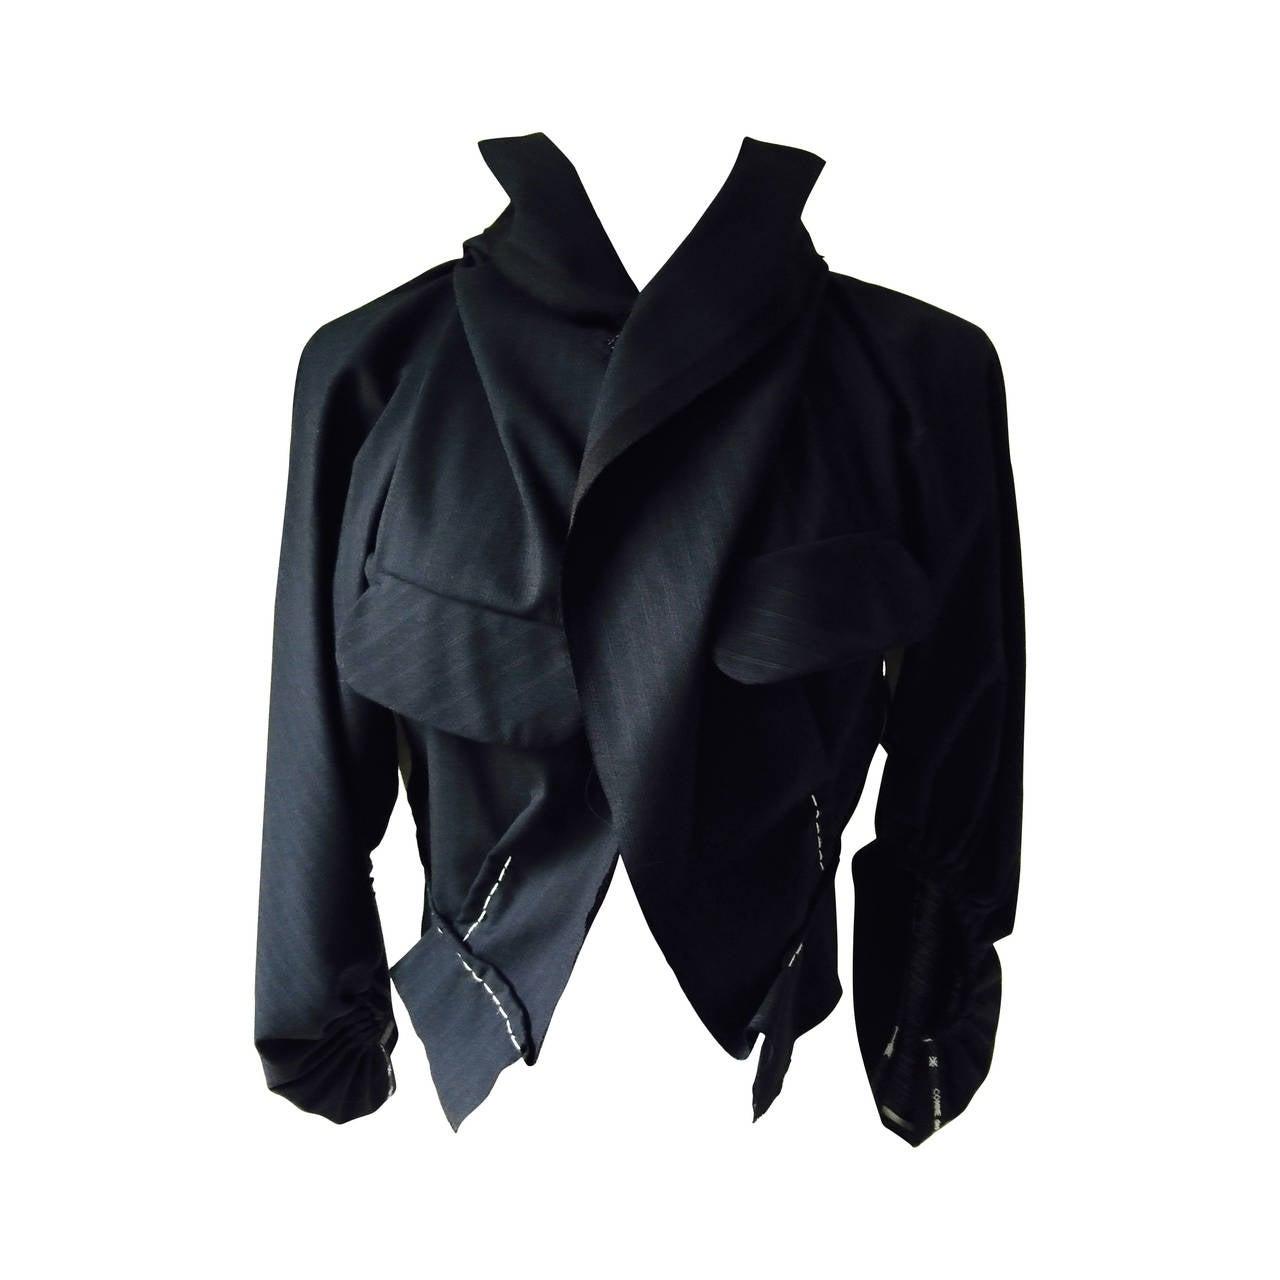 unique vintage comme des gar ons jacket at 1stdibs. Black Bedroom Furniture Sets. Home Design Ideas